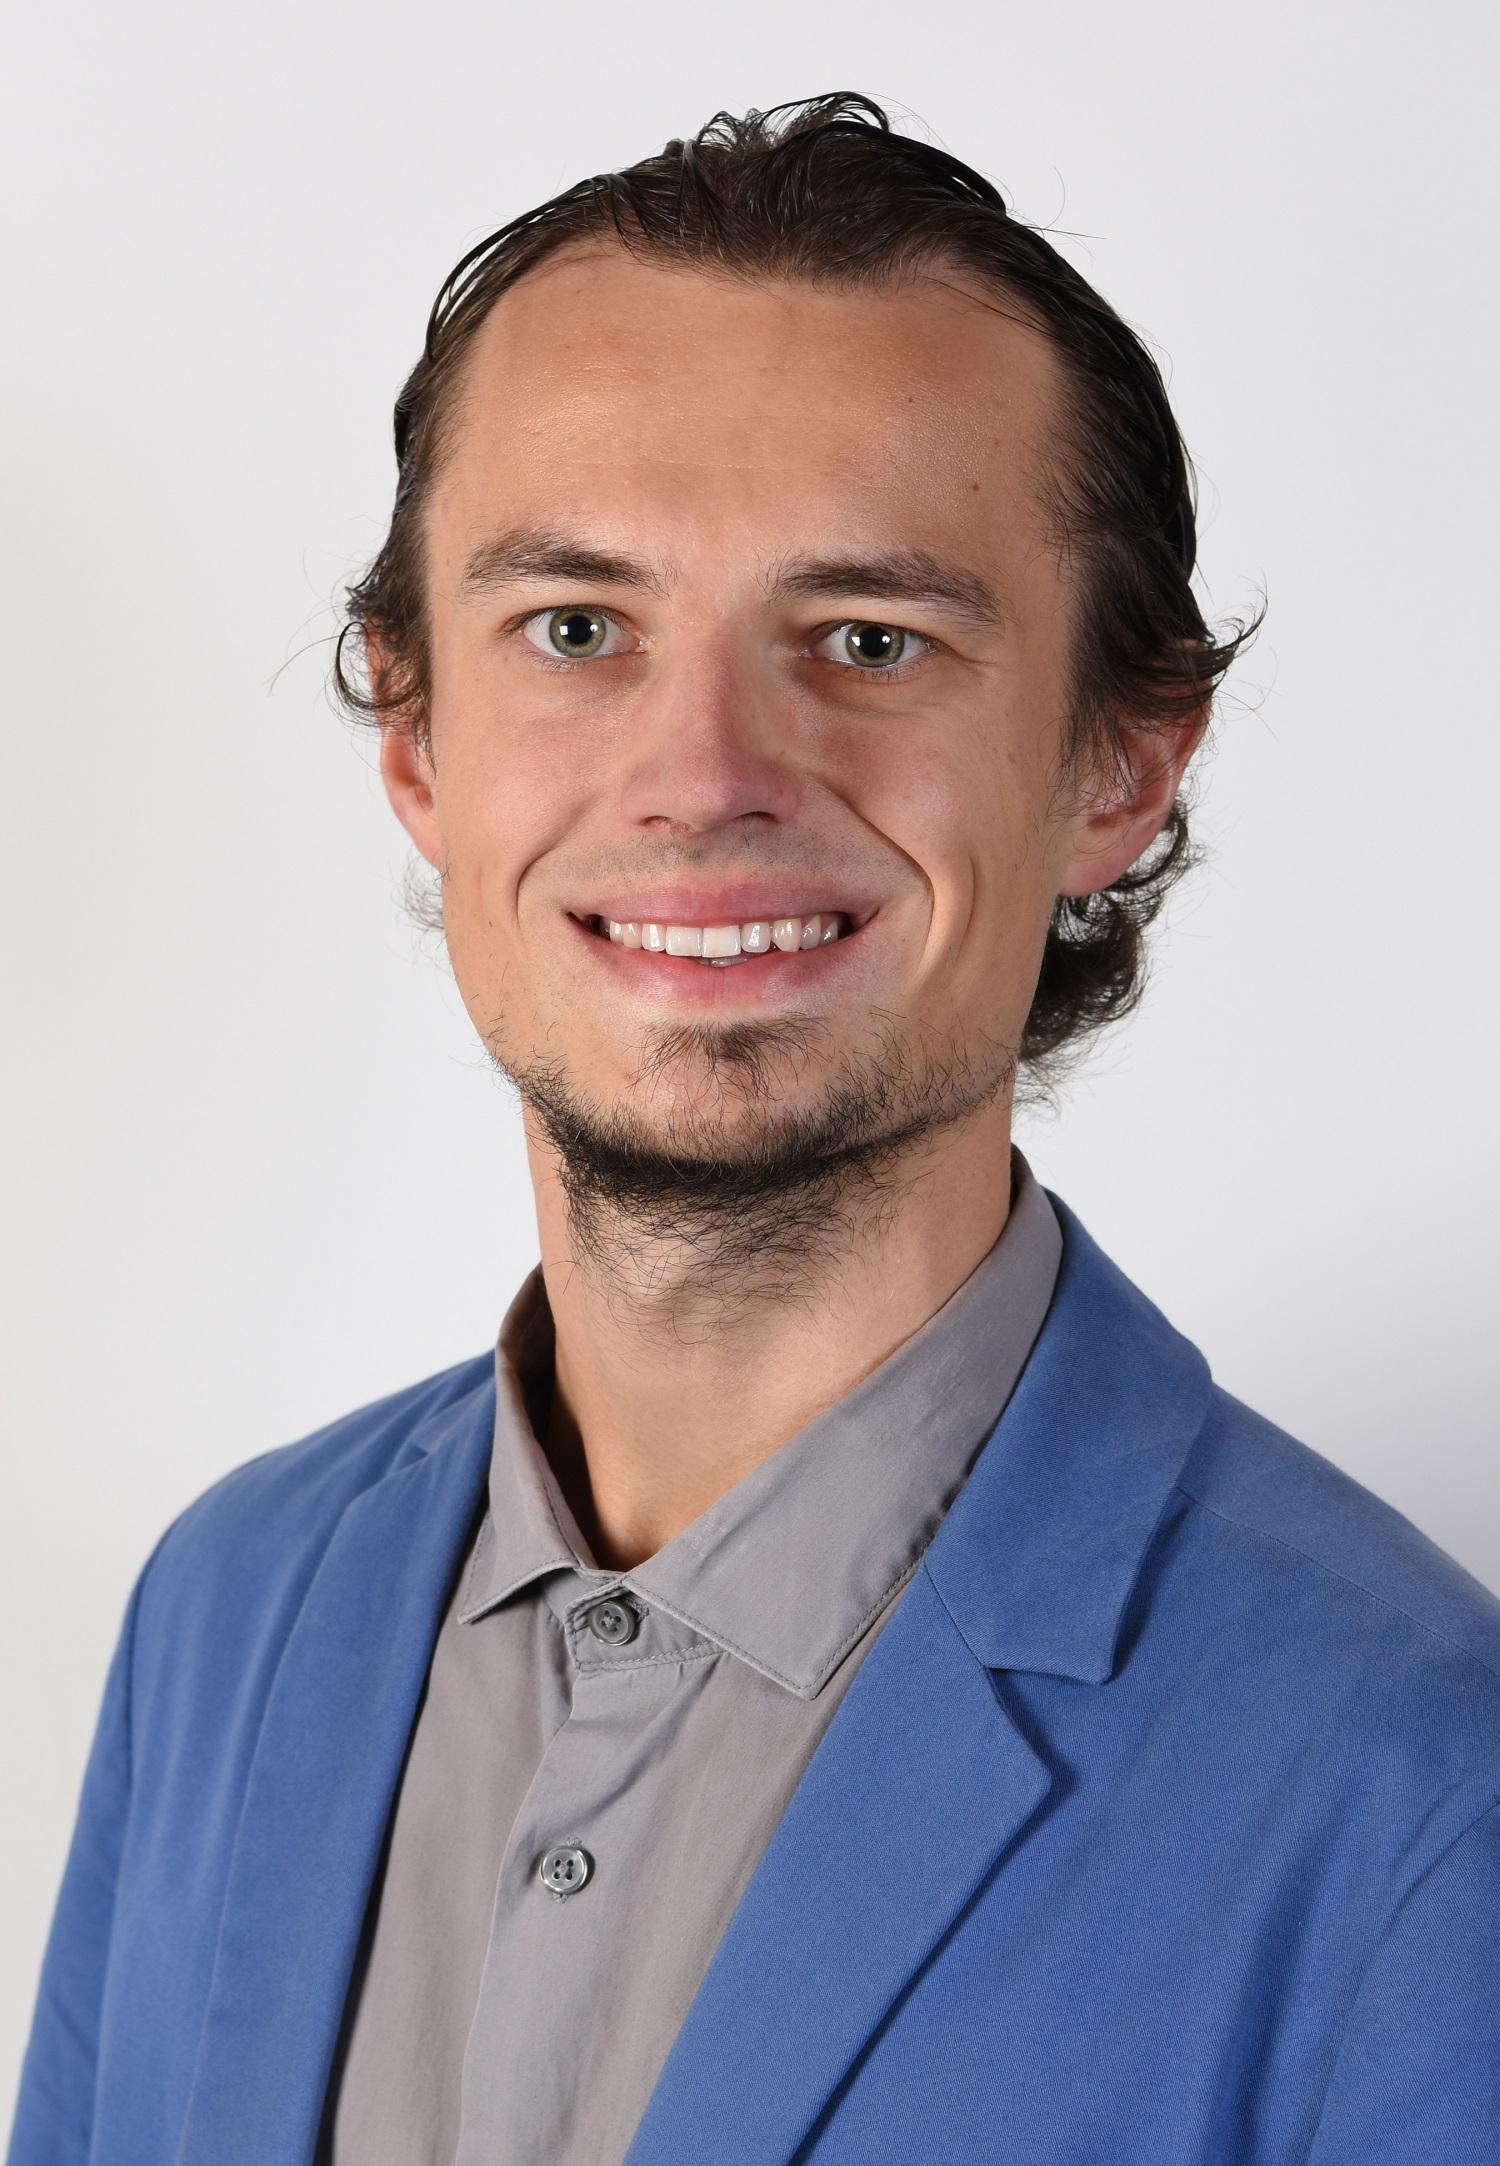 Artur Terekow